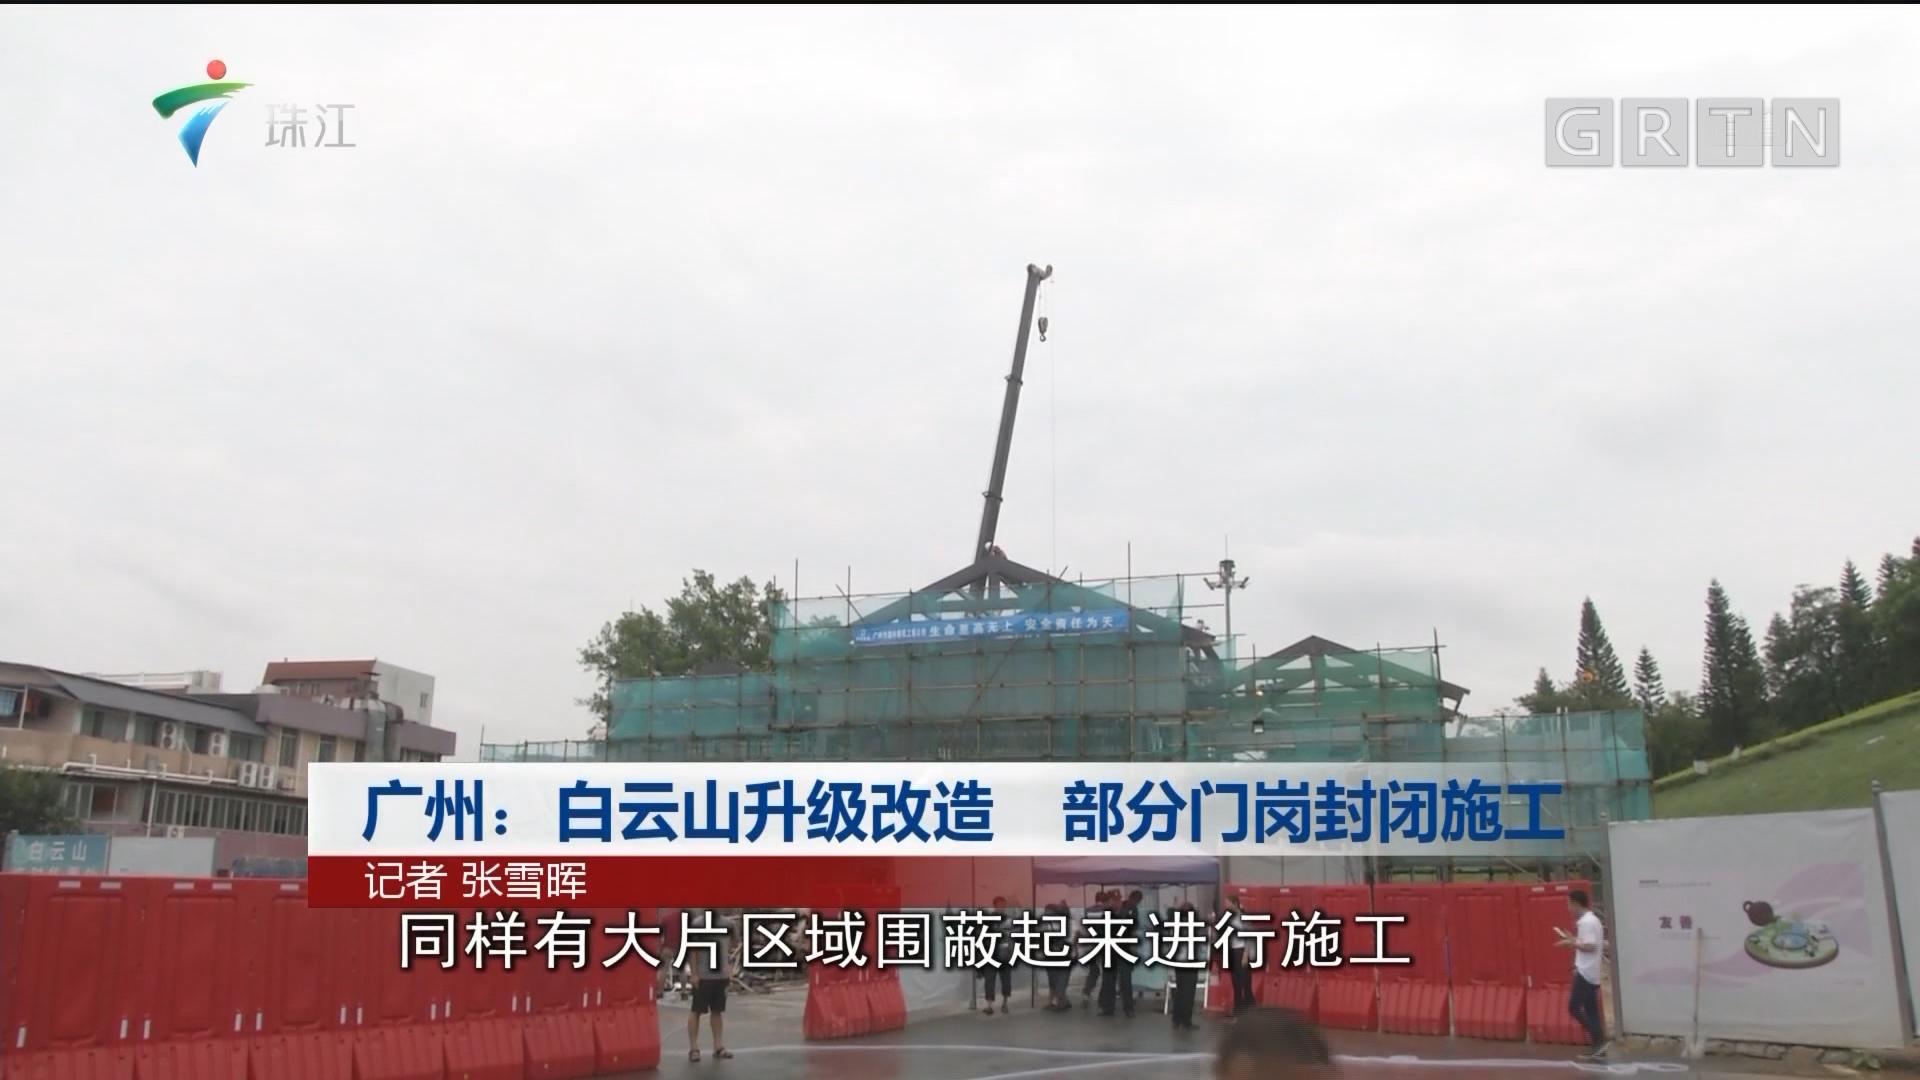 广州:白云山升级改造 部分门岗封闭施工